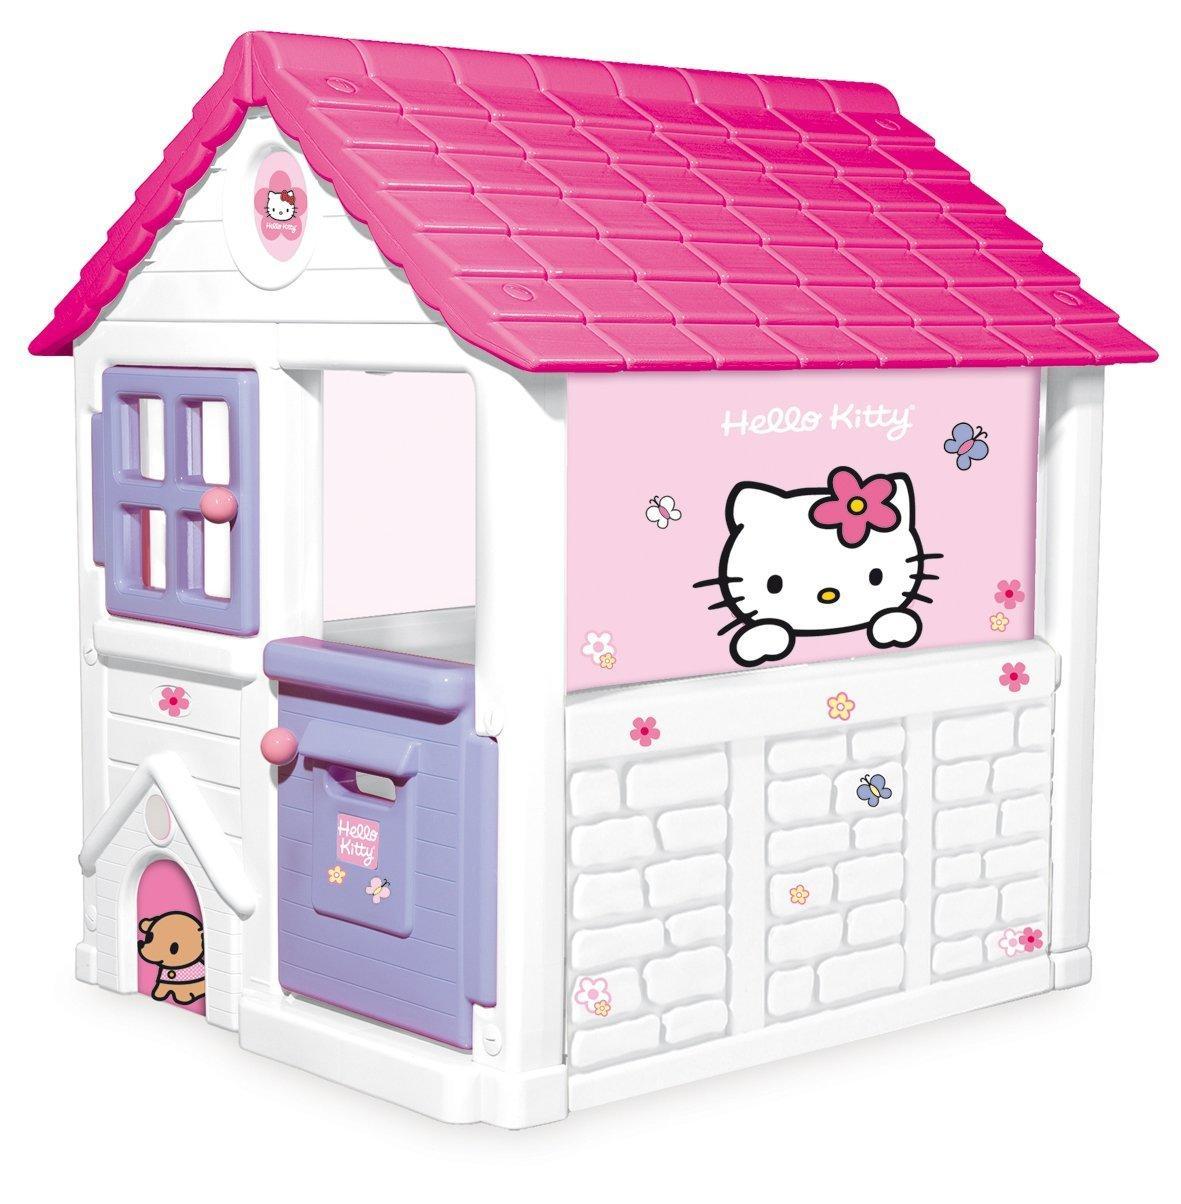 Casette per bambini da giardino casetta per bambini da for Grande casetta per bambini